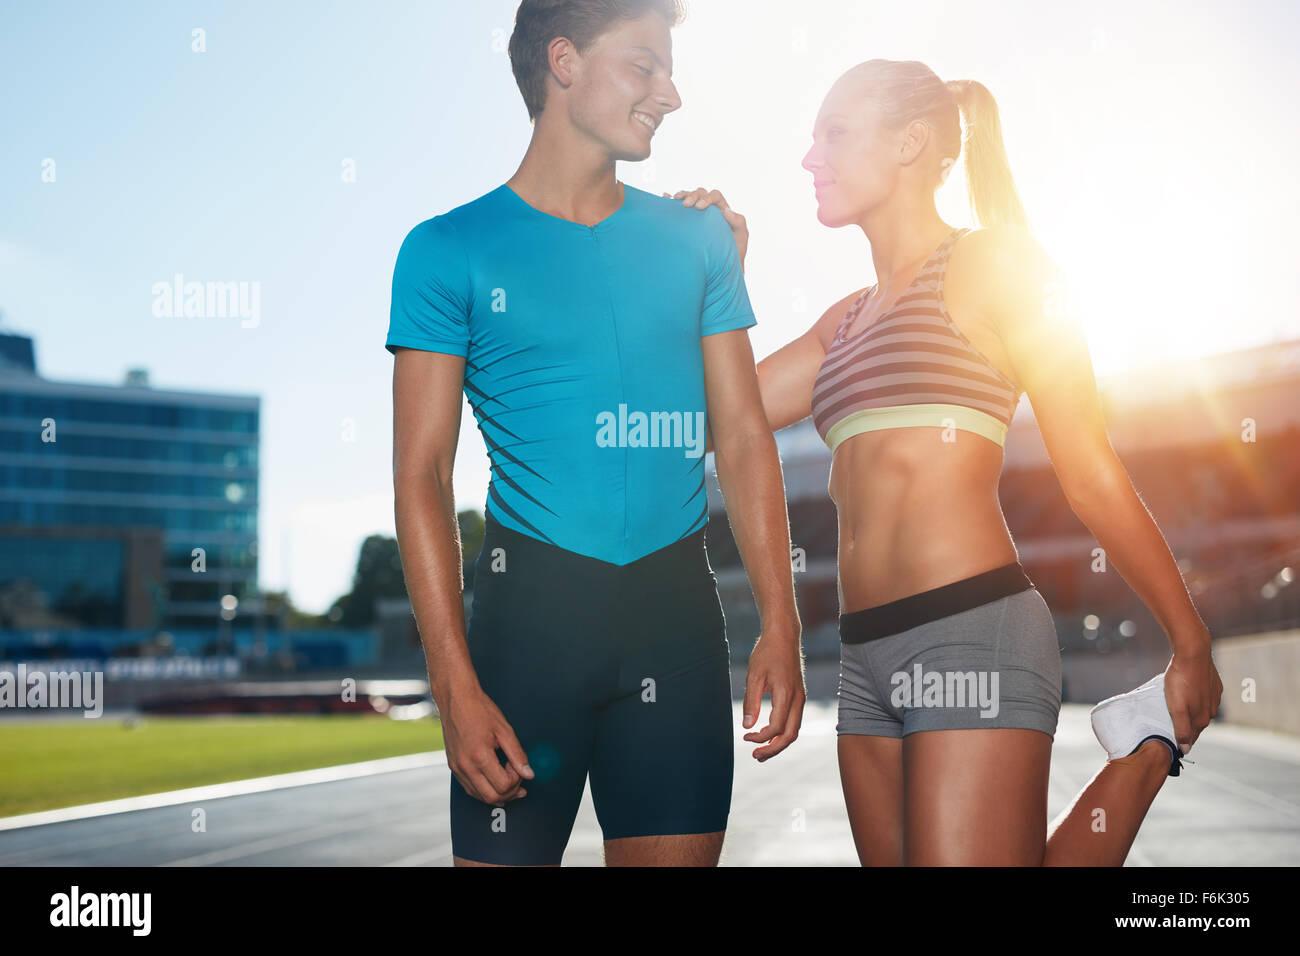 Junge Läufer ihre Beine vor einem Track-Ereignis. Zwei junge Läufer an einem sonnigen Tag üben im Stockbild